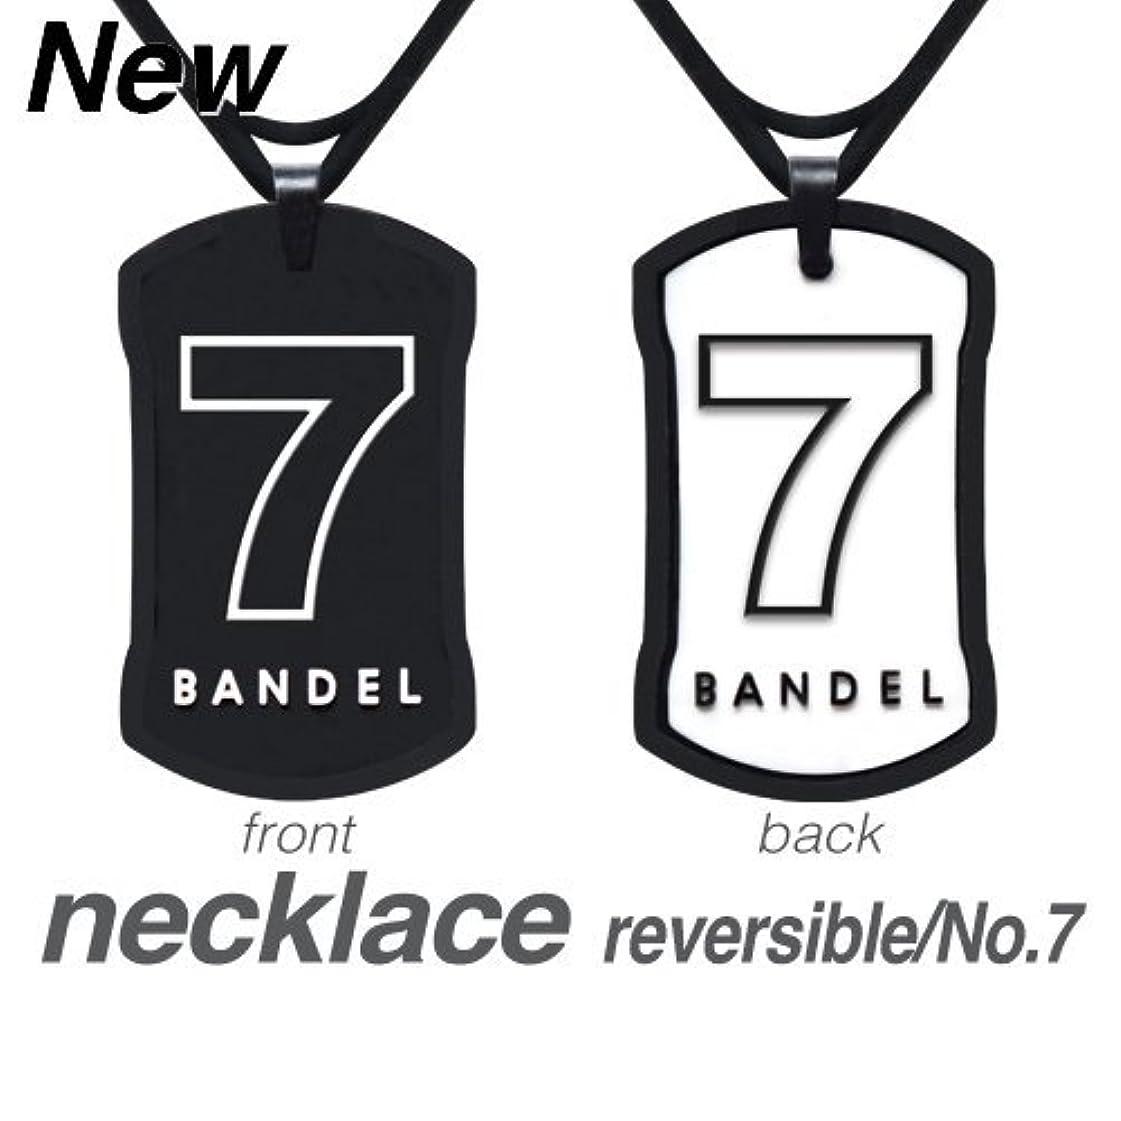 ストレージ大工取り扱い[バンデル?BANDEL]ナンバー ネックレス リバーシブル No.7(ブラックxホワイト)50cm